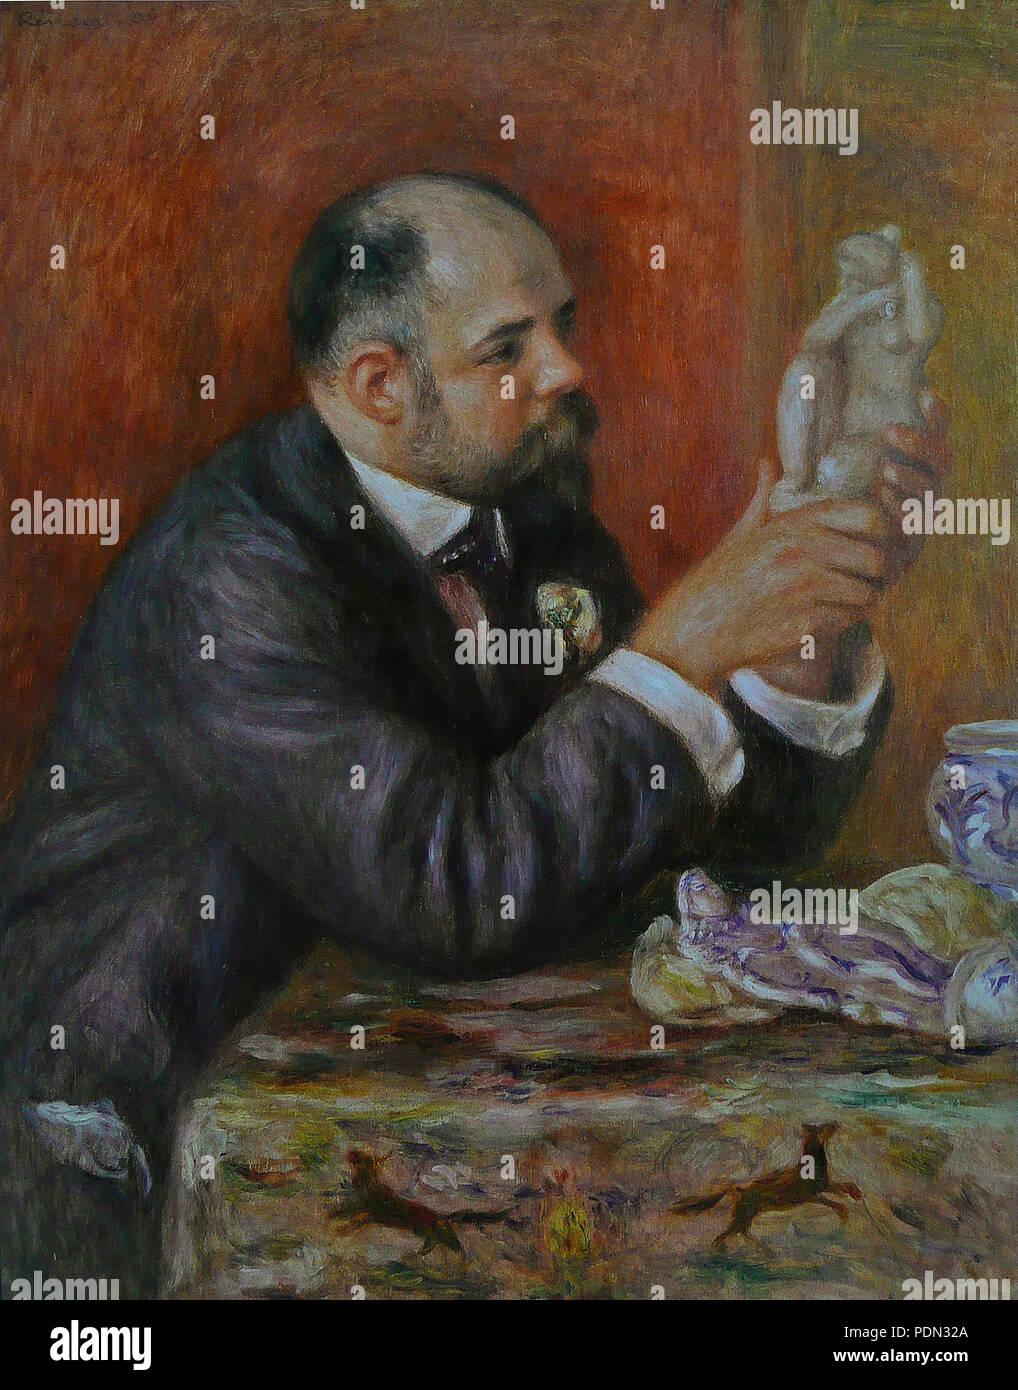 27 Pierre-Auguste Renoir - Ambroise Vollard - Stock Image